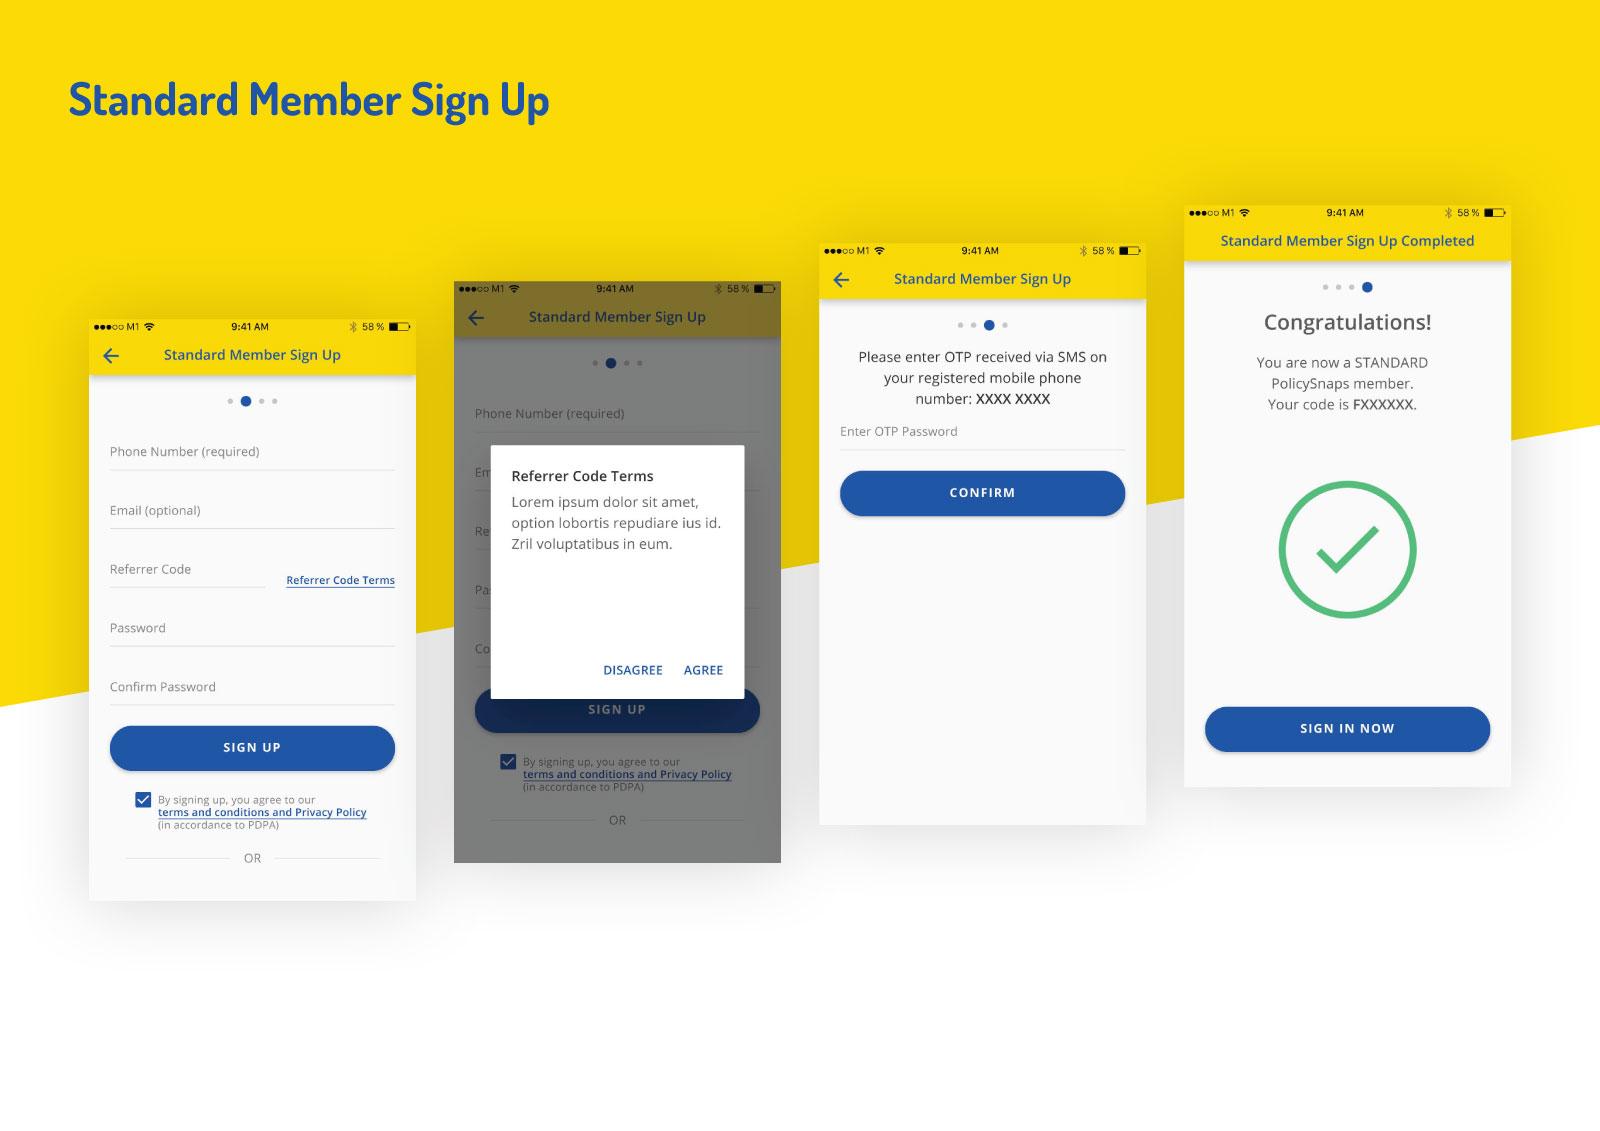 Asset Snaps - Standard Member Sign Up